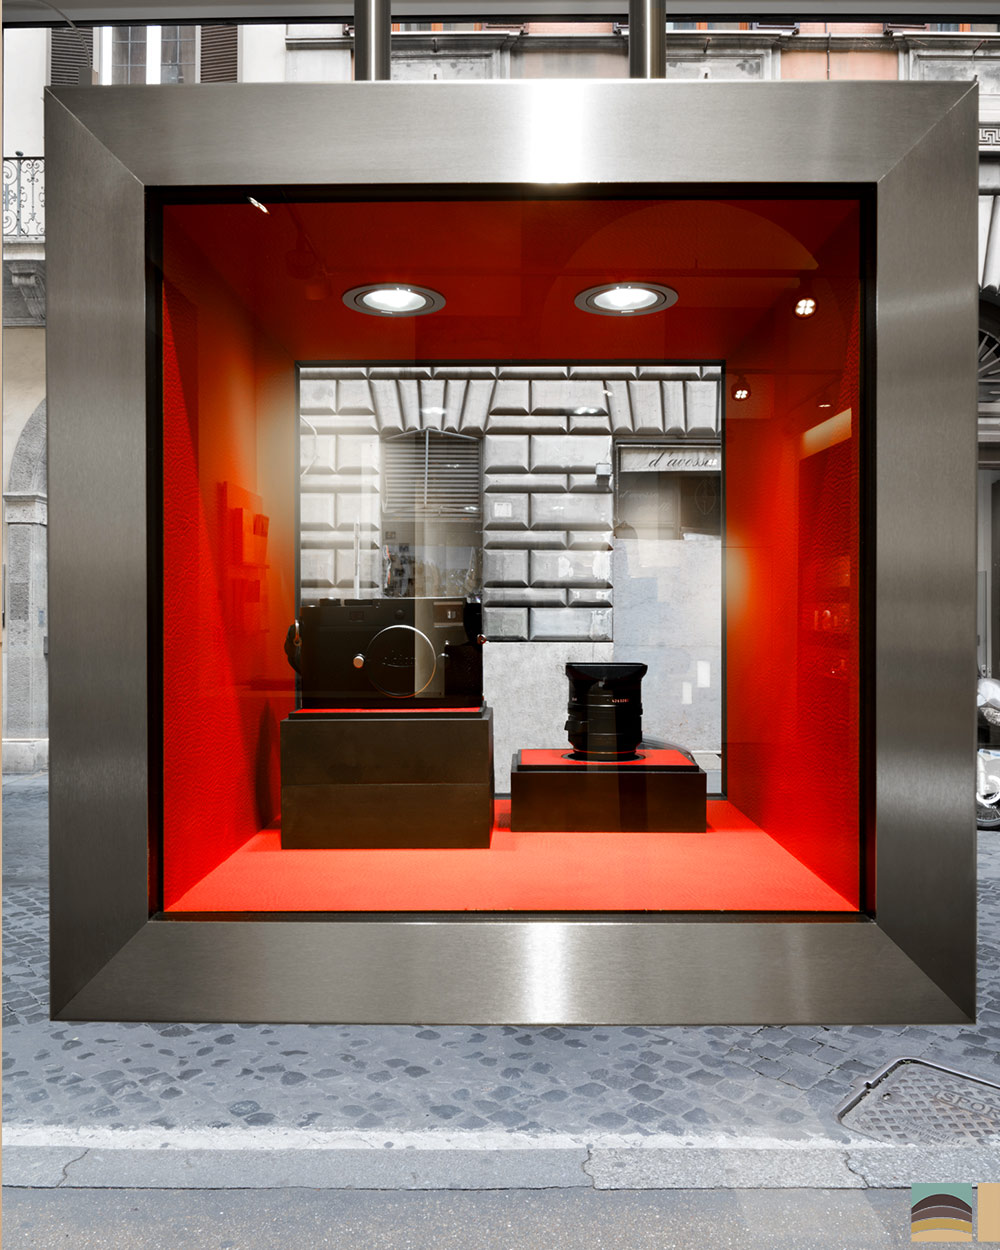 Rénovation boutique Leica - Rome 5